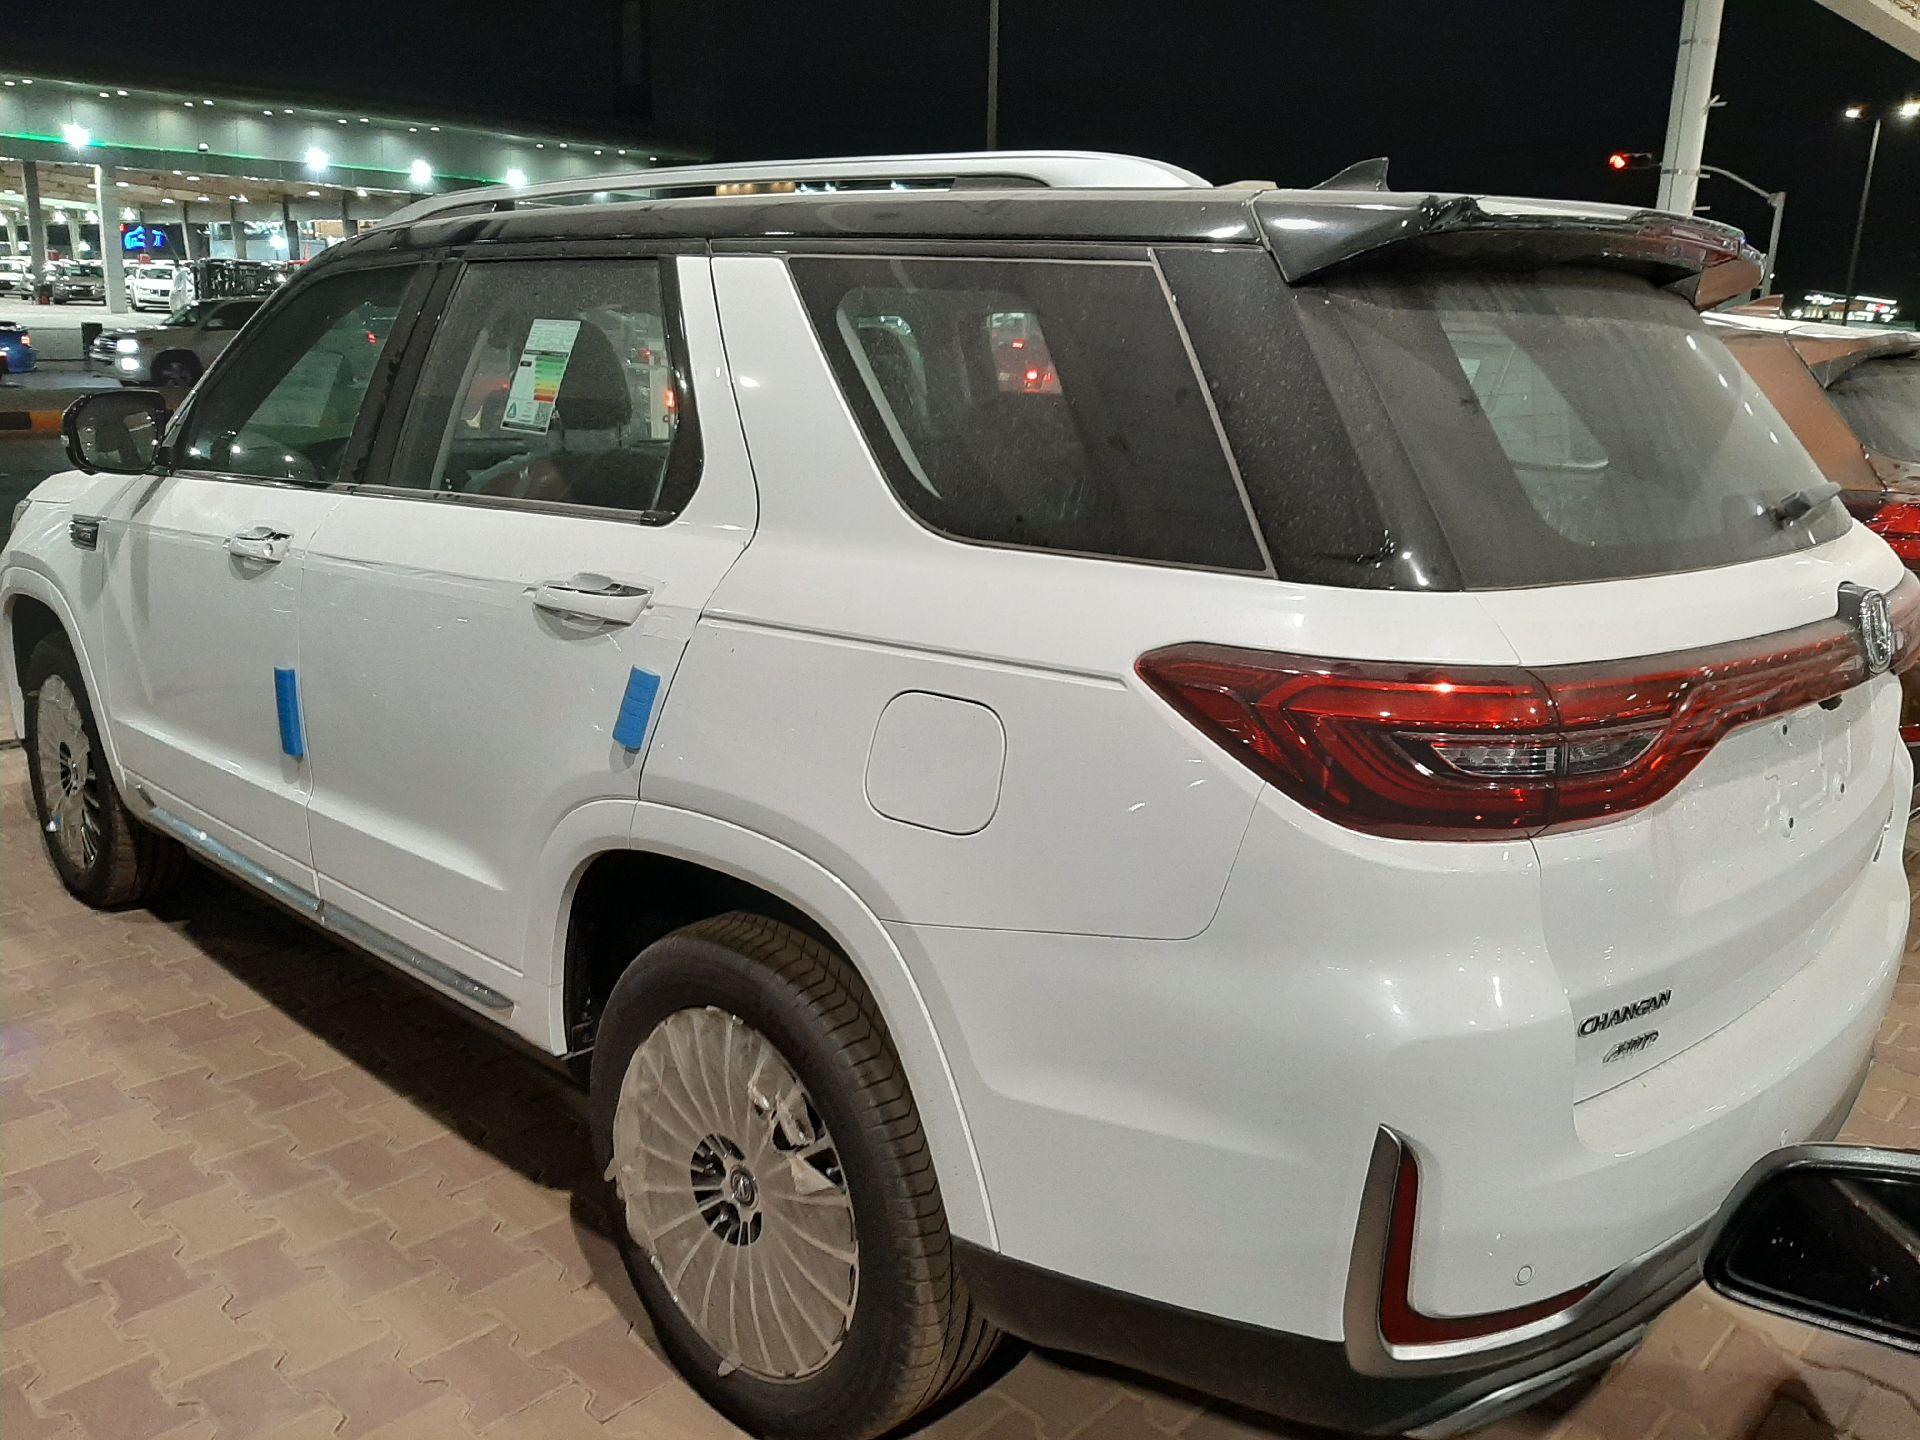 شانجان CS95 رويال 2021 سعودي فل جديد للبيع في الرياض - السعودية - صورة كبيرة - 2